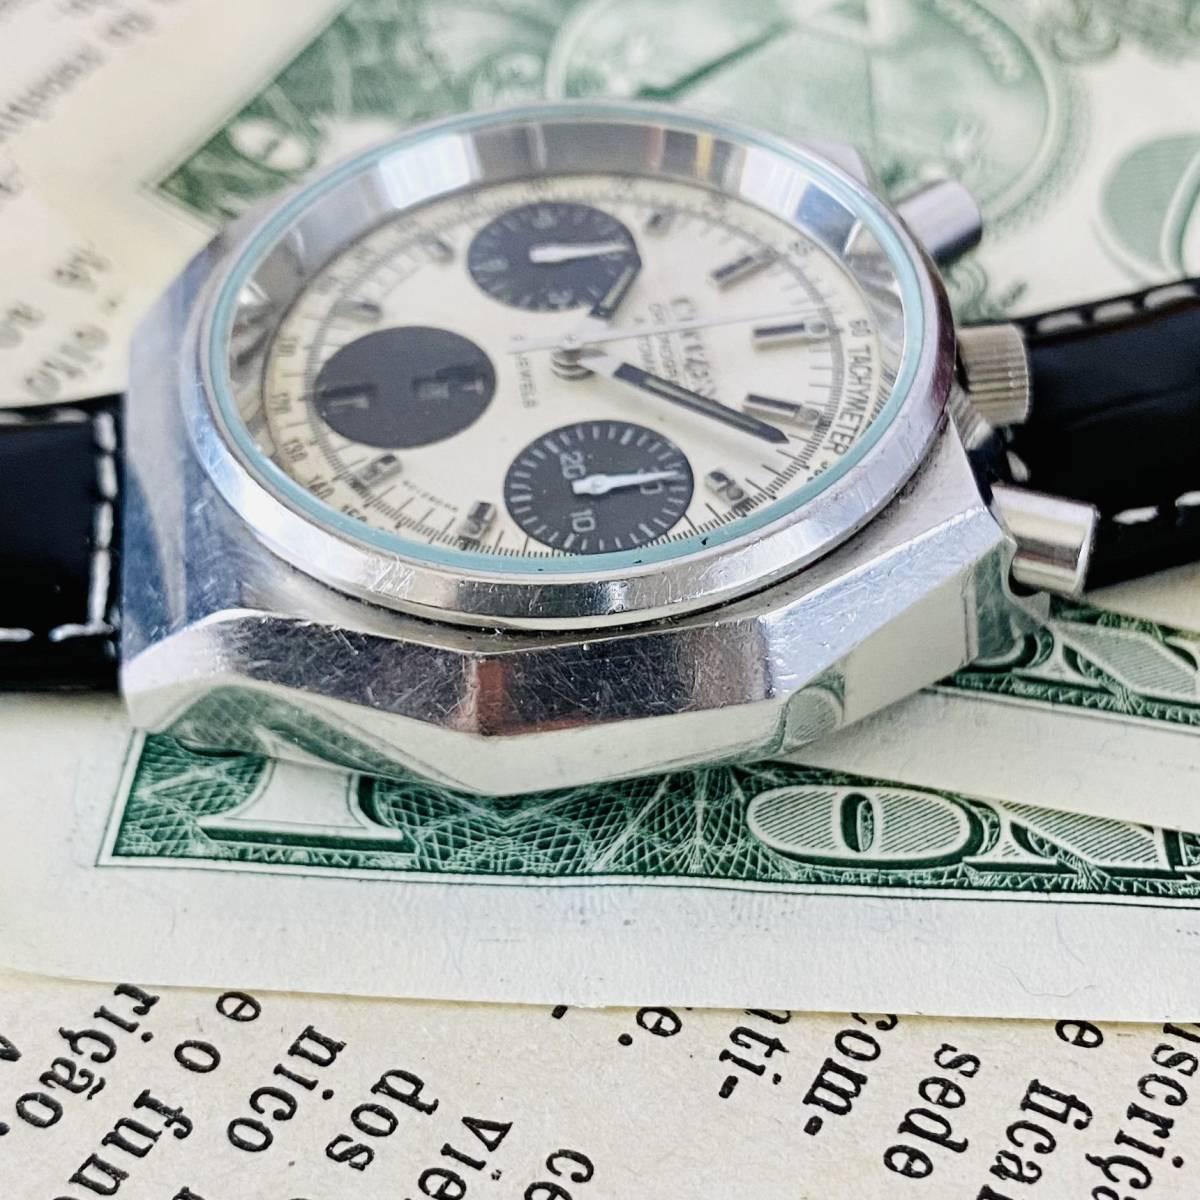 【高級時計 シチズン】CITIZEN 8110A クロノグラフ 自動巻 1980年代 ツノ メンズ レディース ビンテージ アナログ 腕時計パンダ チャレンジ_画像4